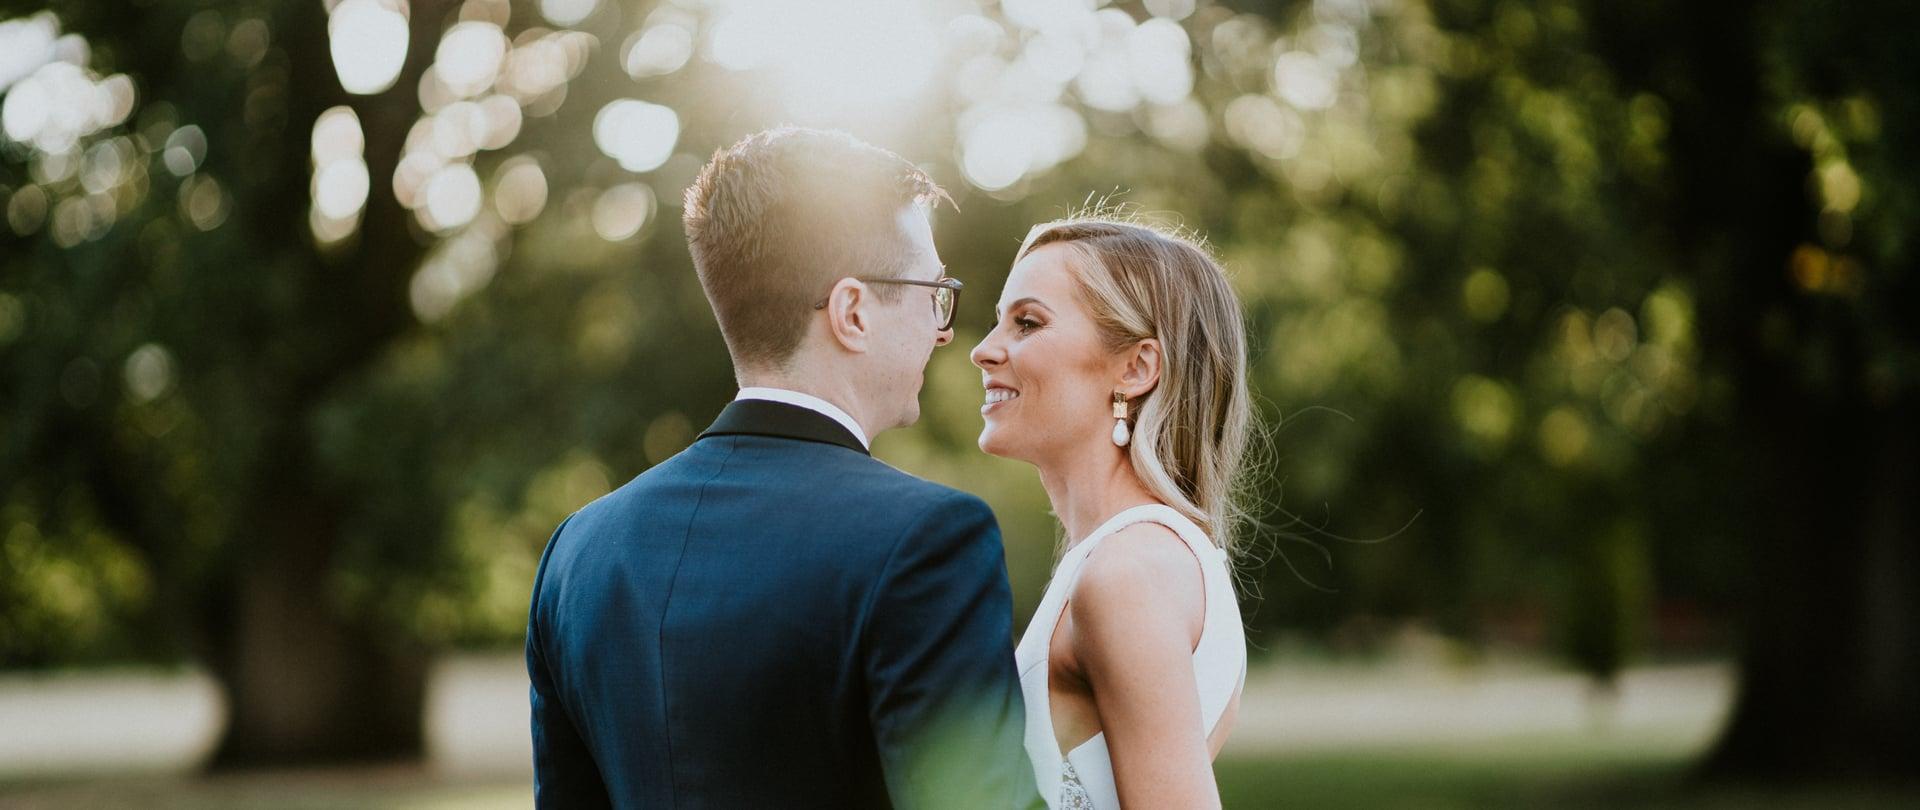 Ally & Dean Wedding Video Filmed at Yarra Valley, Victoria